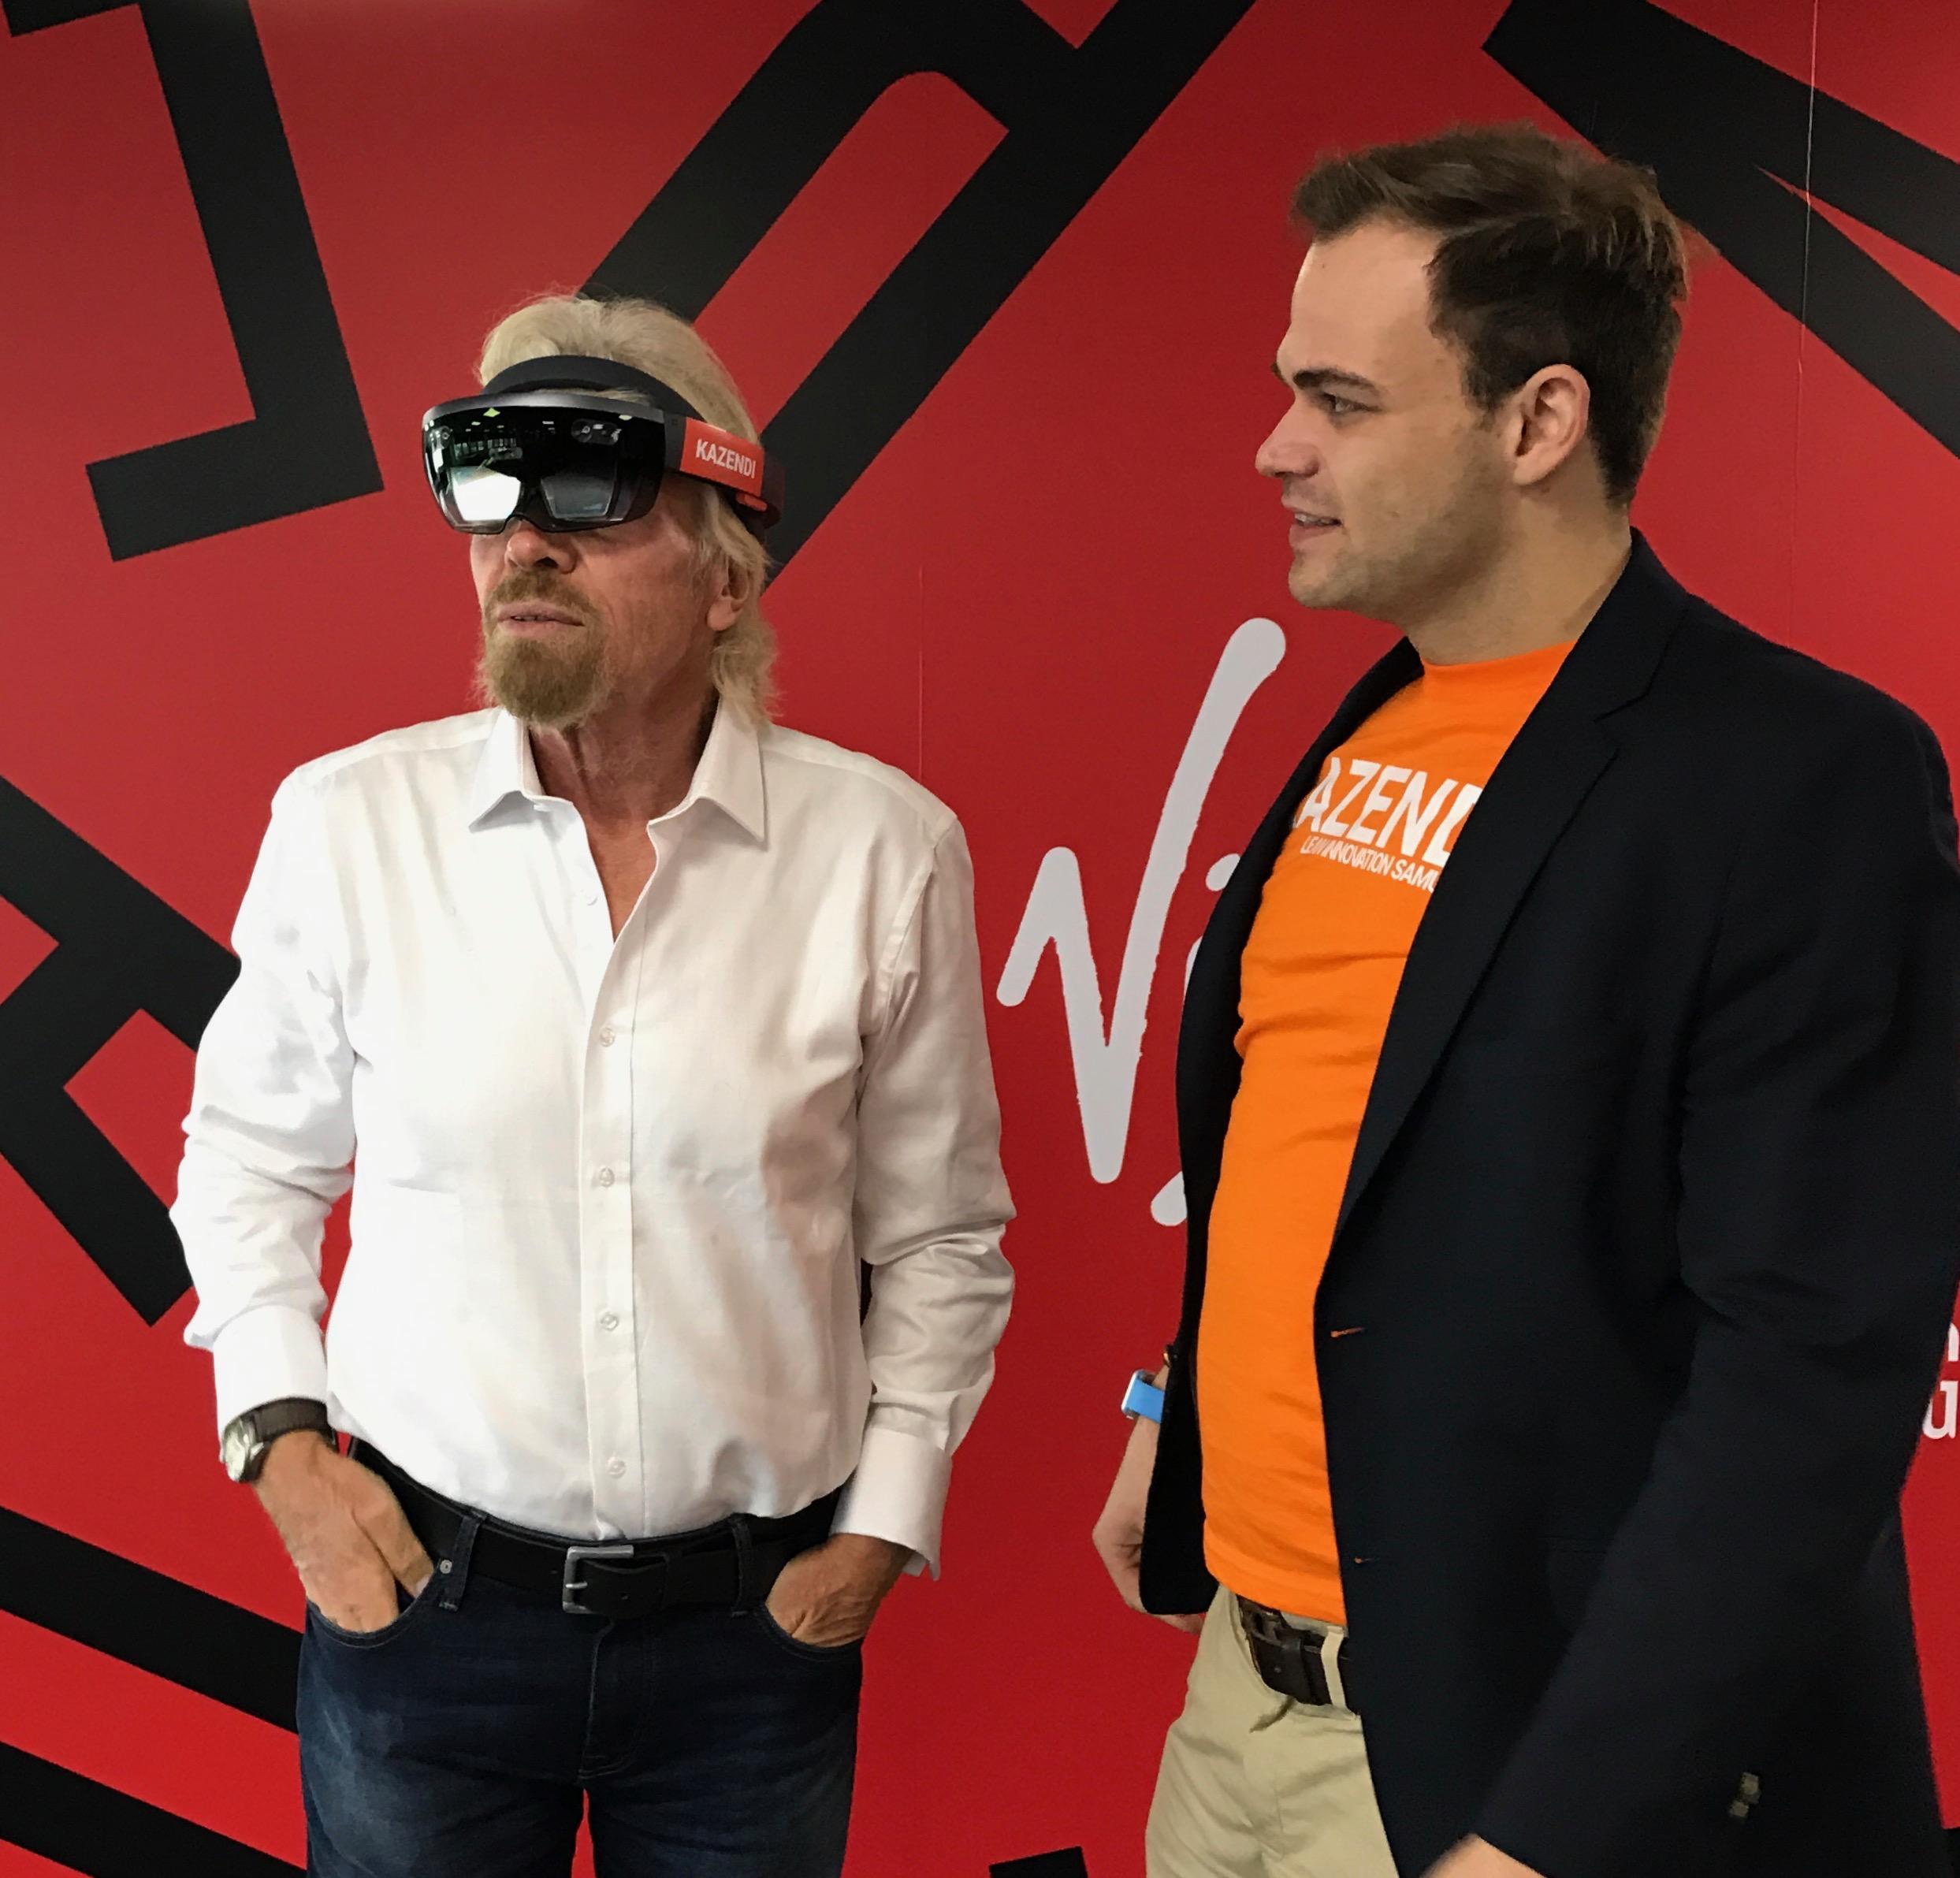 Richard Branson & Maximilian Doelle